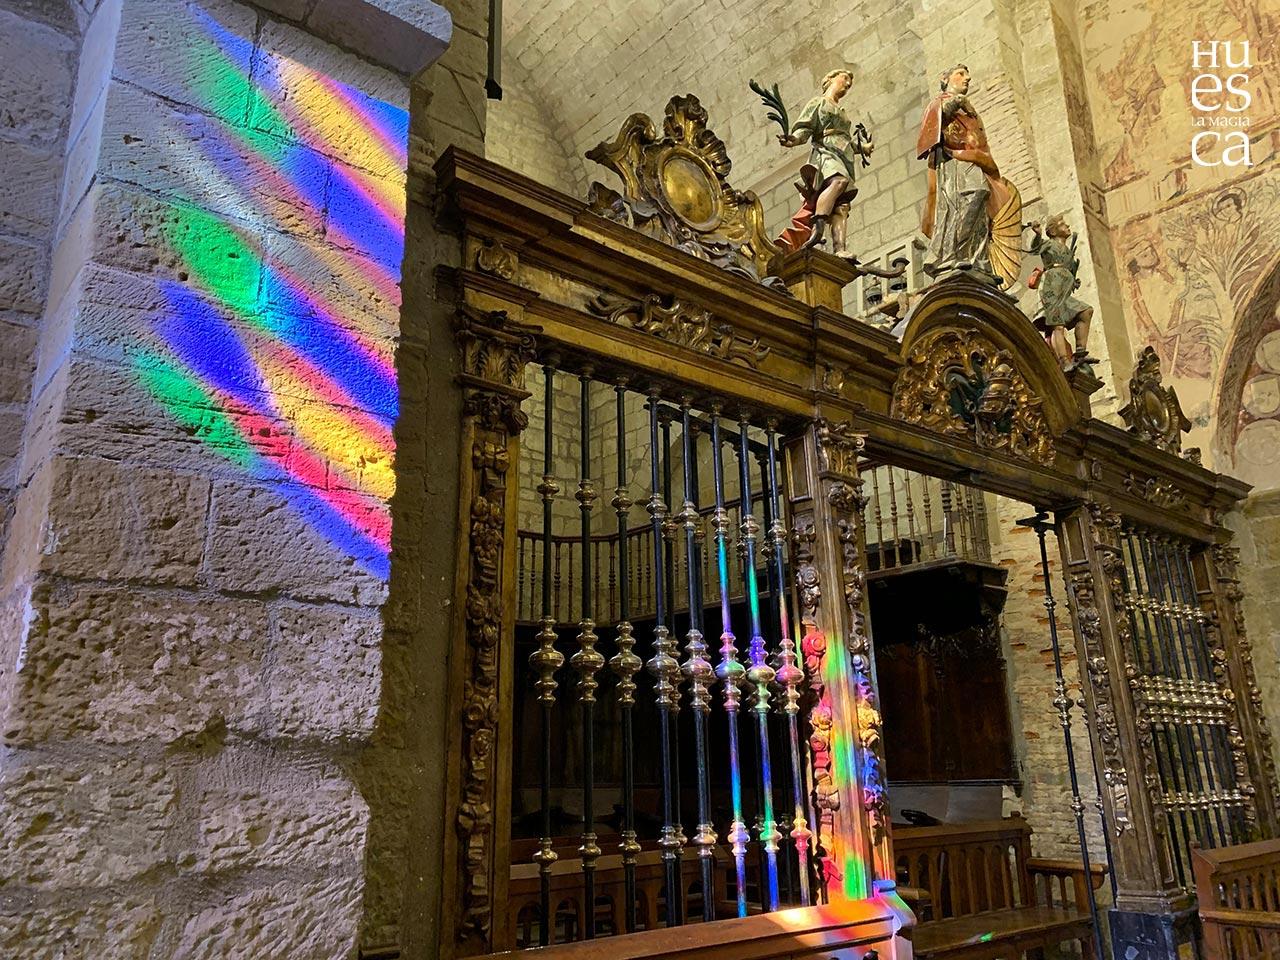 Espectacular y Mágico fenómeno de luz en San Pedro el Viejo ✨